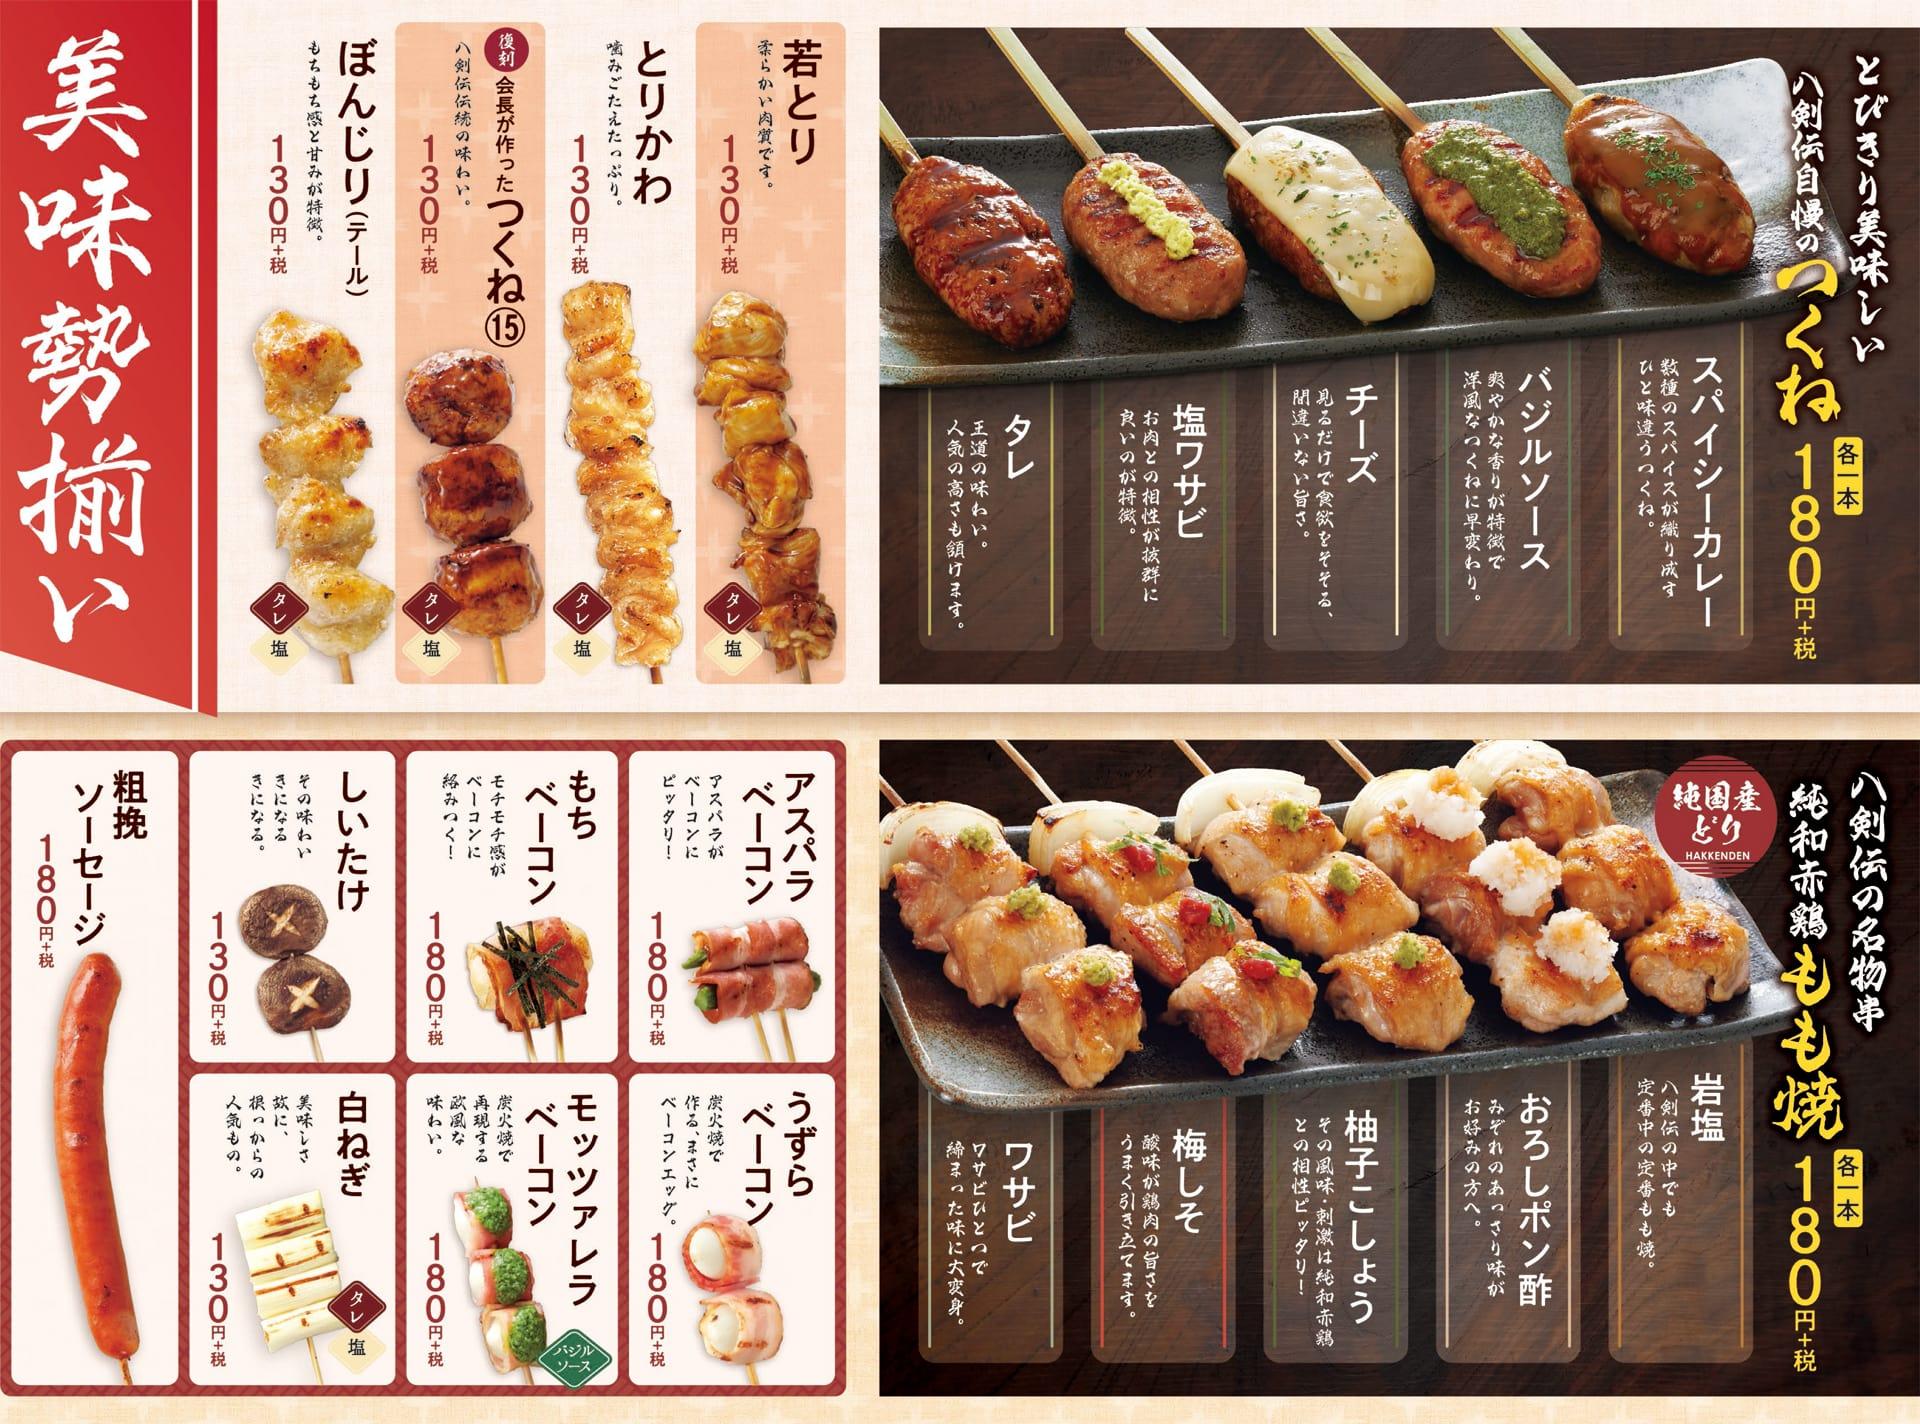 八剣食堂 炭火焼串1